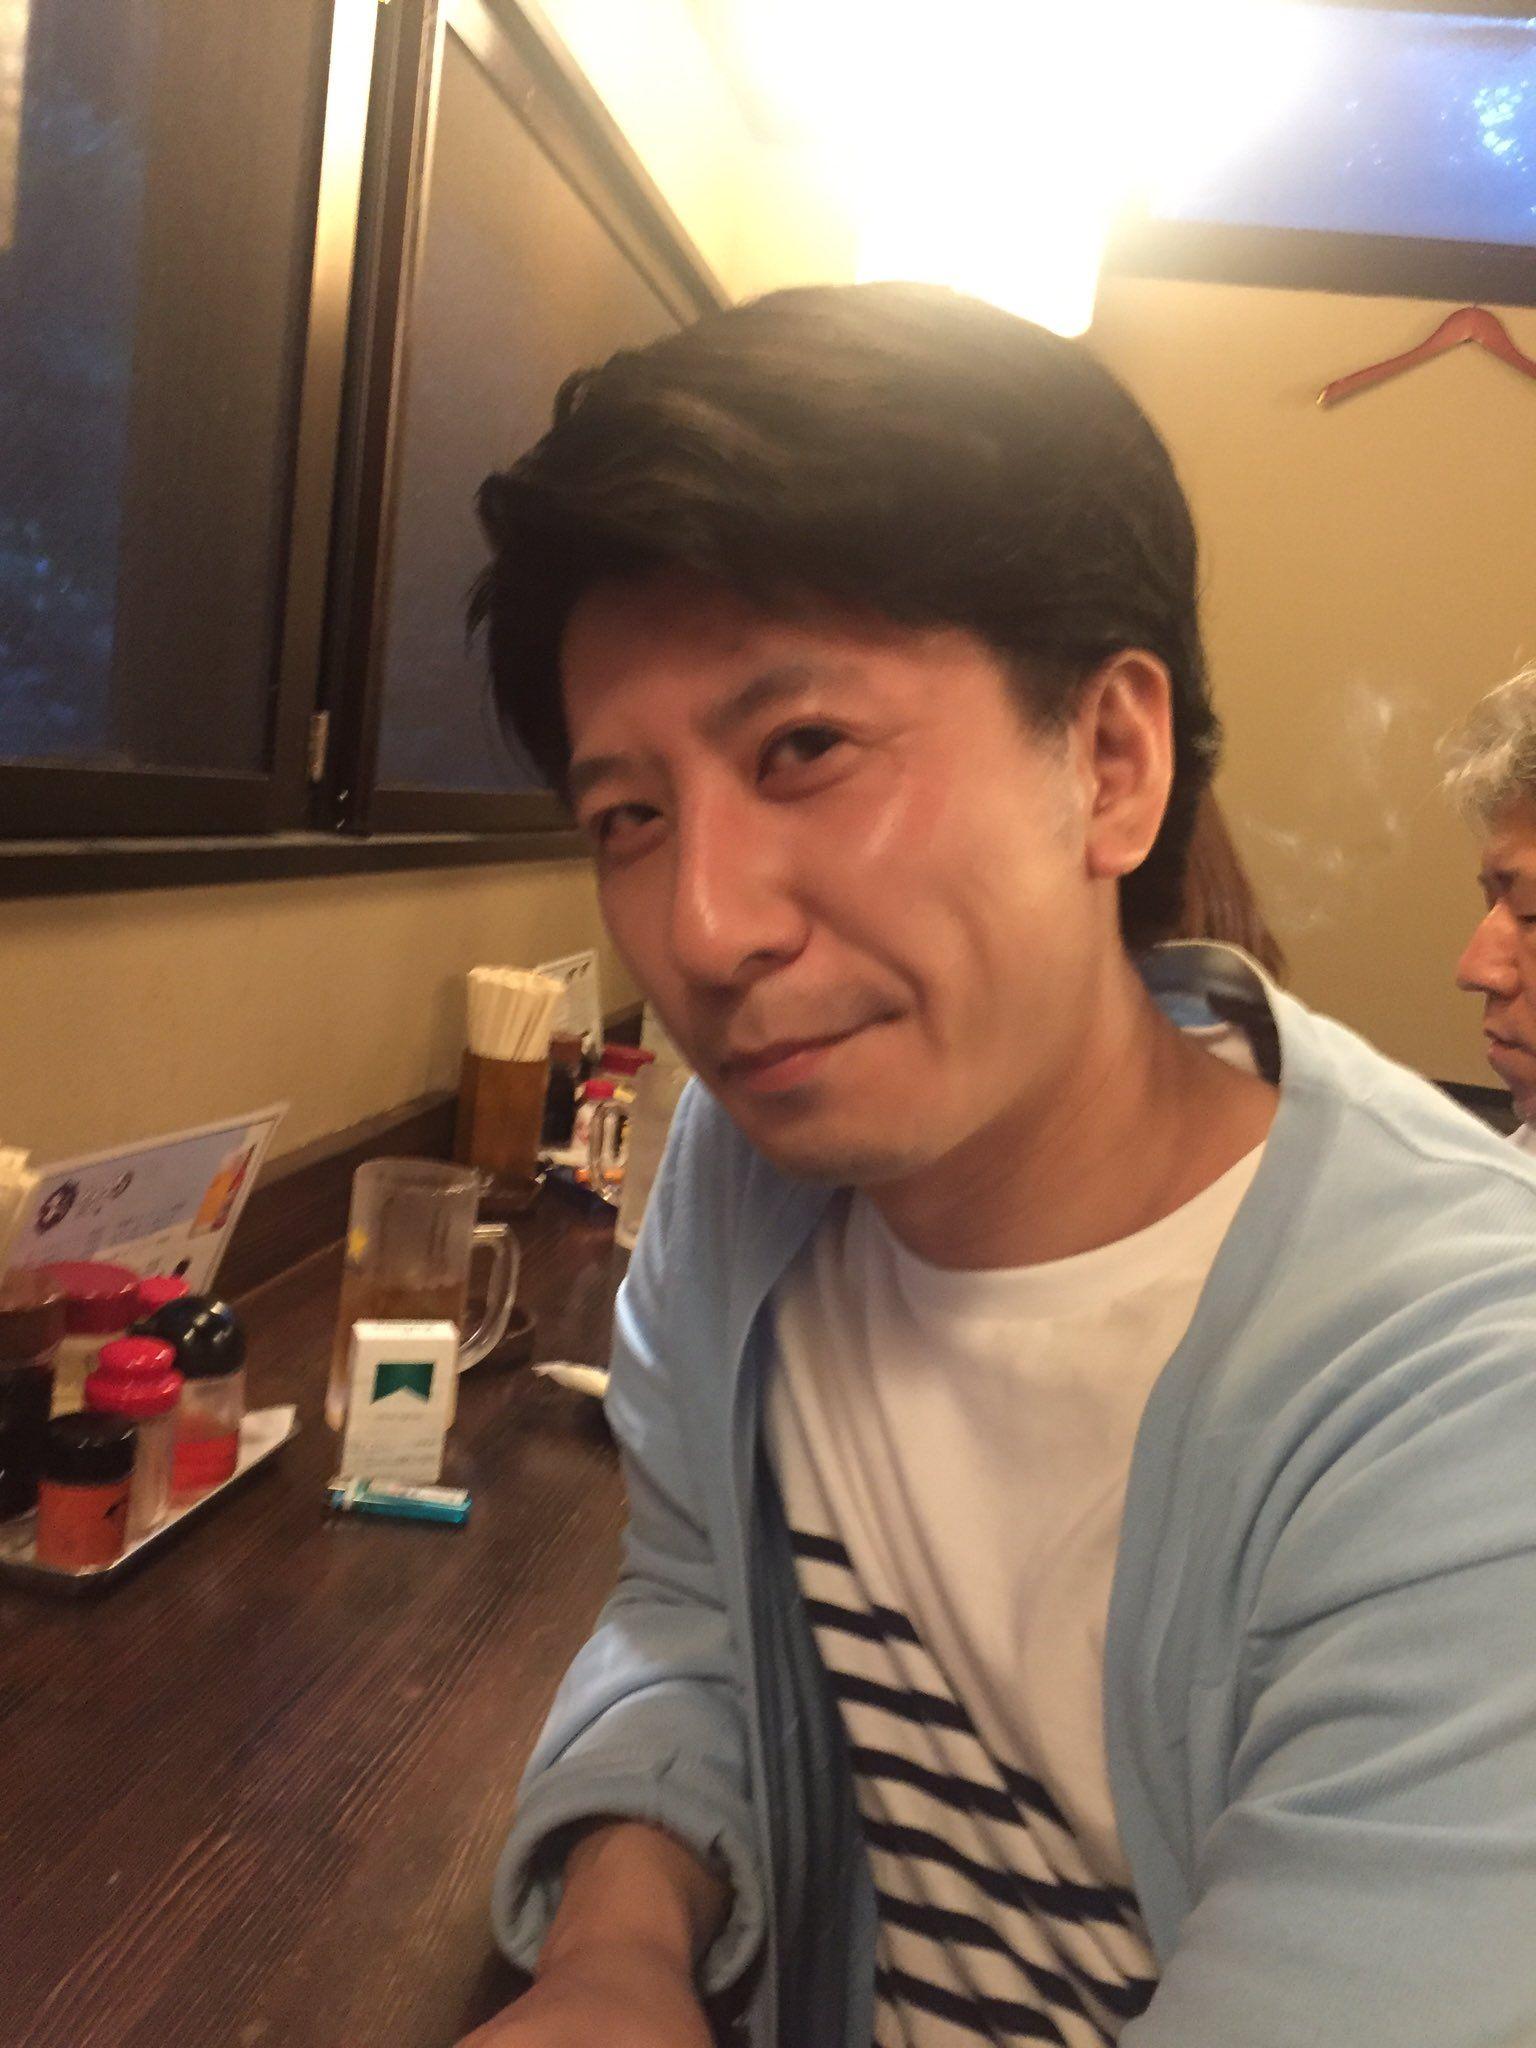 """吉川 唯之 on Twitter: """"吉祥寺のいせやさんで飲んできました。ザ・フライの今野に全額おごってもらいました。 https://t.co/FUBYmtKZTn"""""""